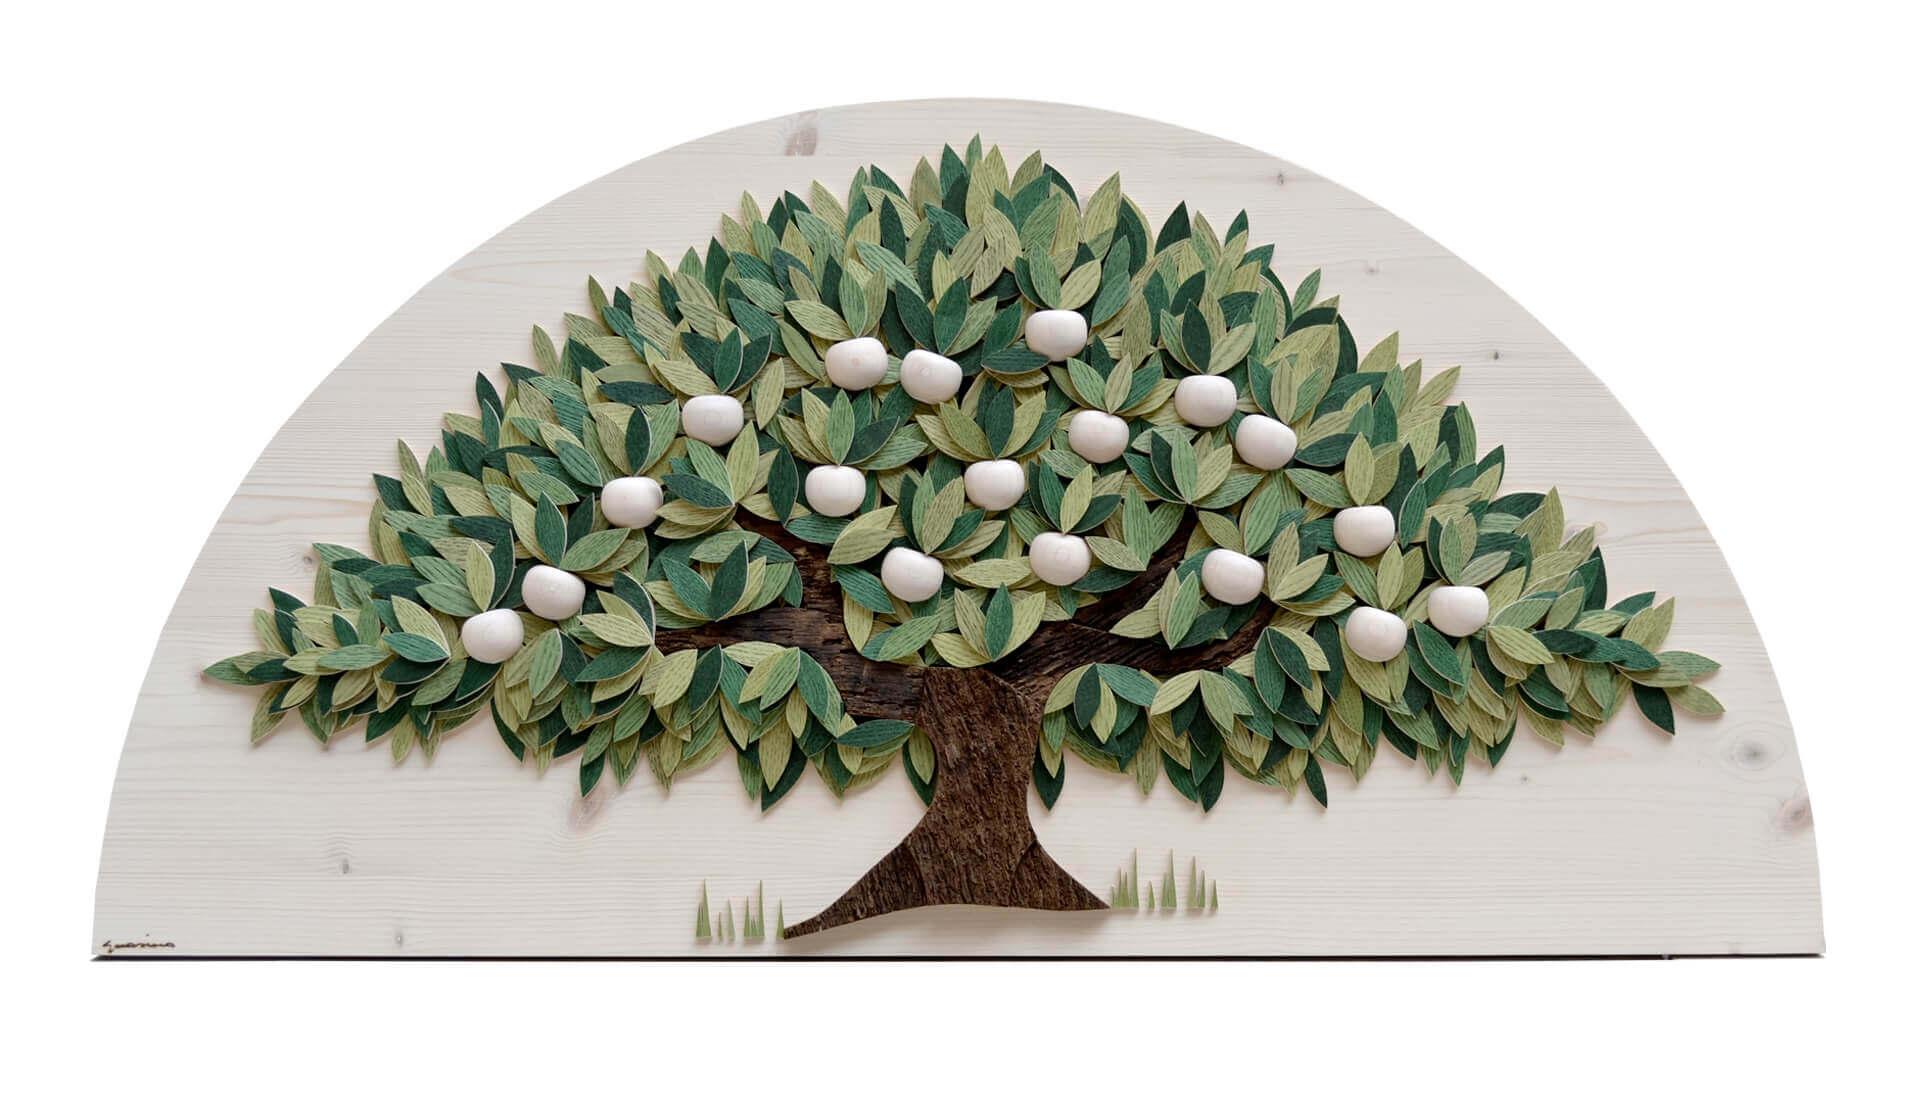 Albero verde con mele bianche - Dimensione media 100 x 6 x 50  cm (b x p x h)